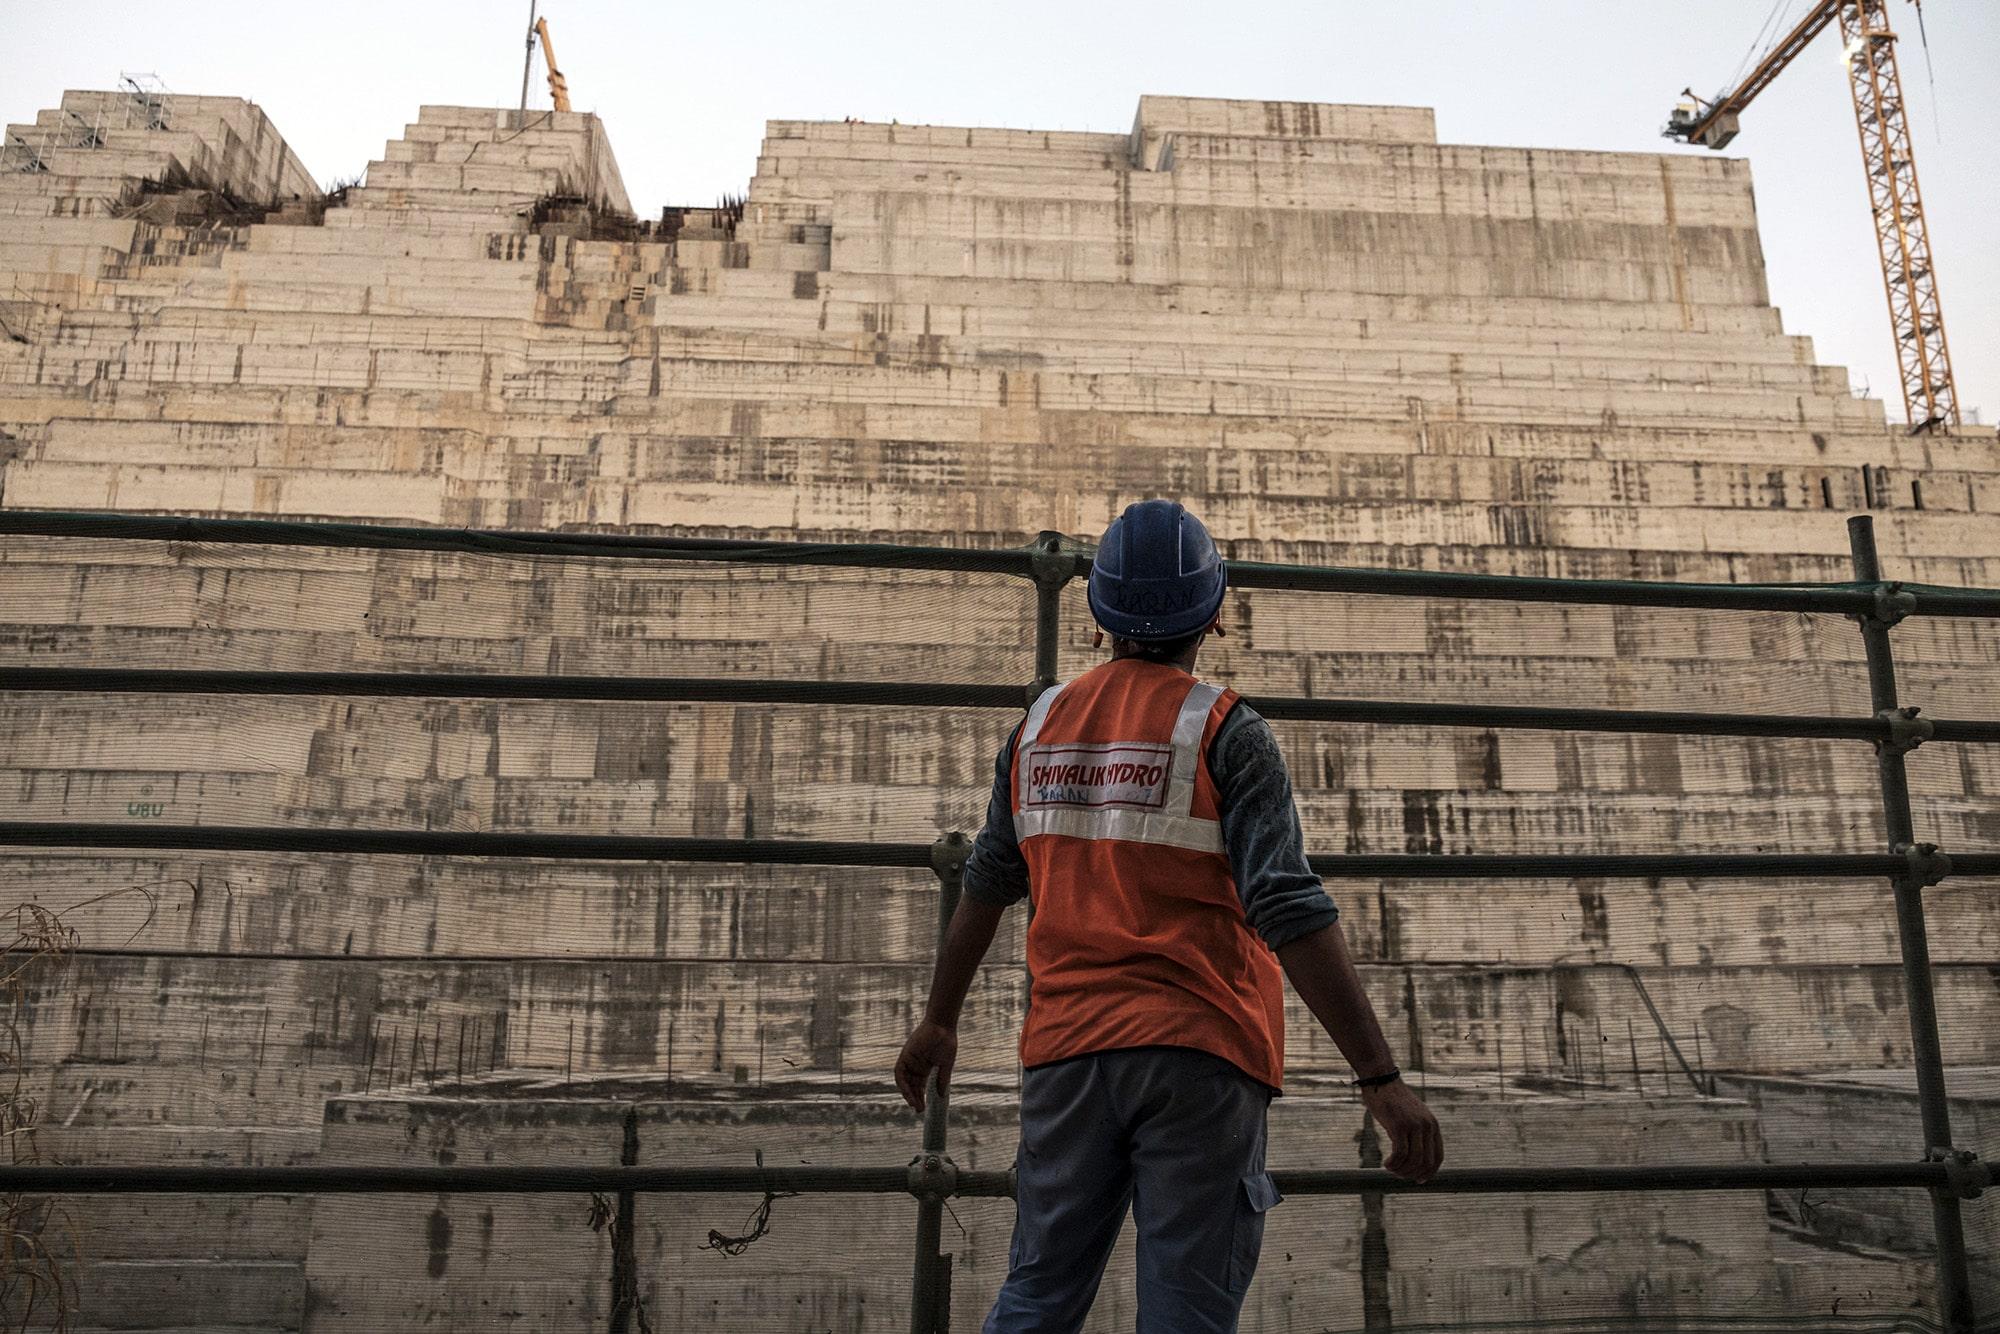 دعم إسرائيلي كامل لسد النهضة.. حوار مع سفير إسرائيل بإثيوبيا فضح أجندة تل أبيب